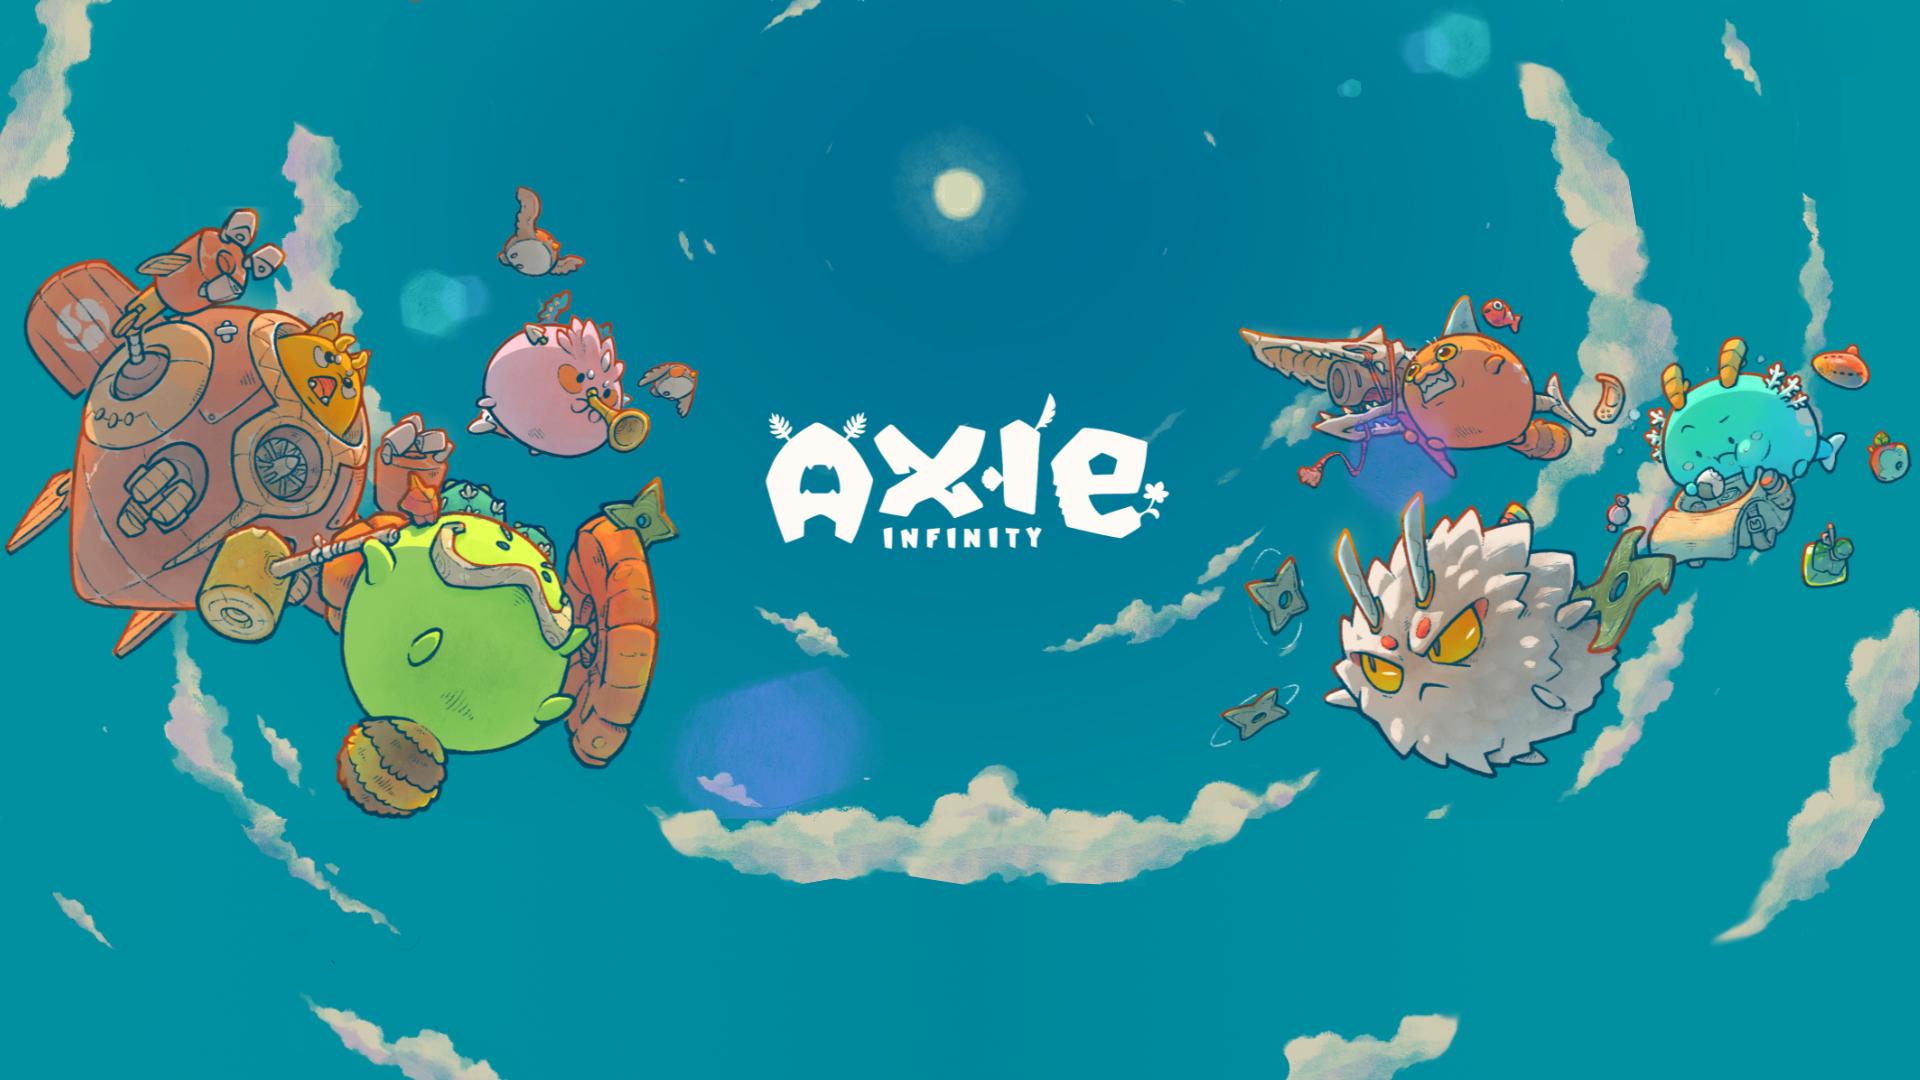 cara bermain axie infinity dan mendapatkan uang